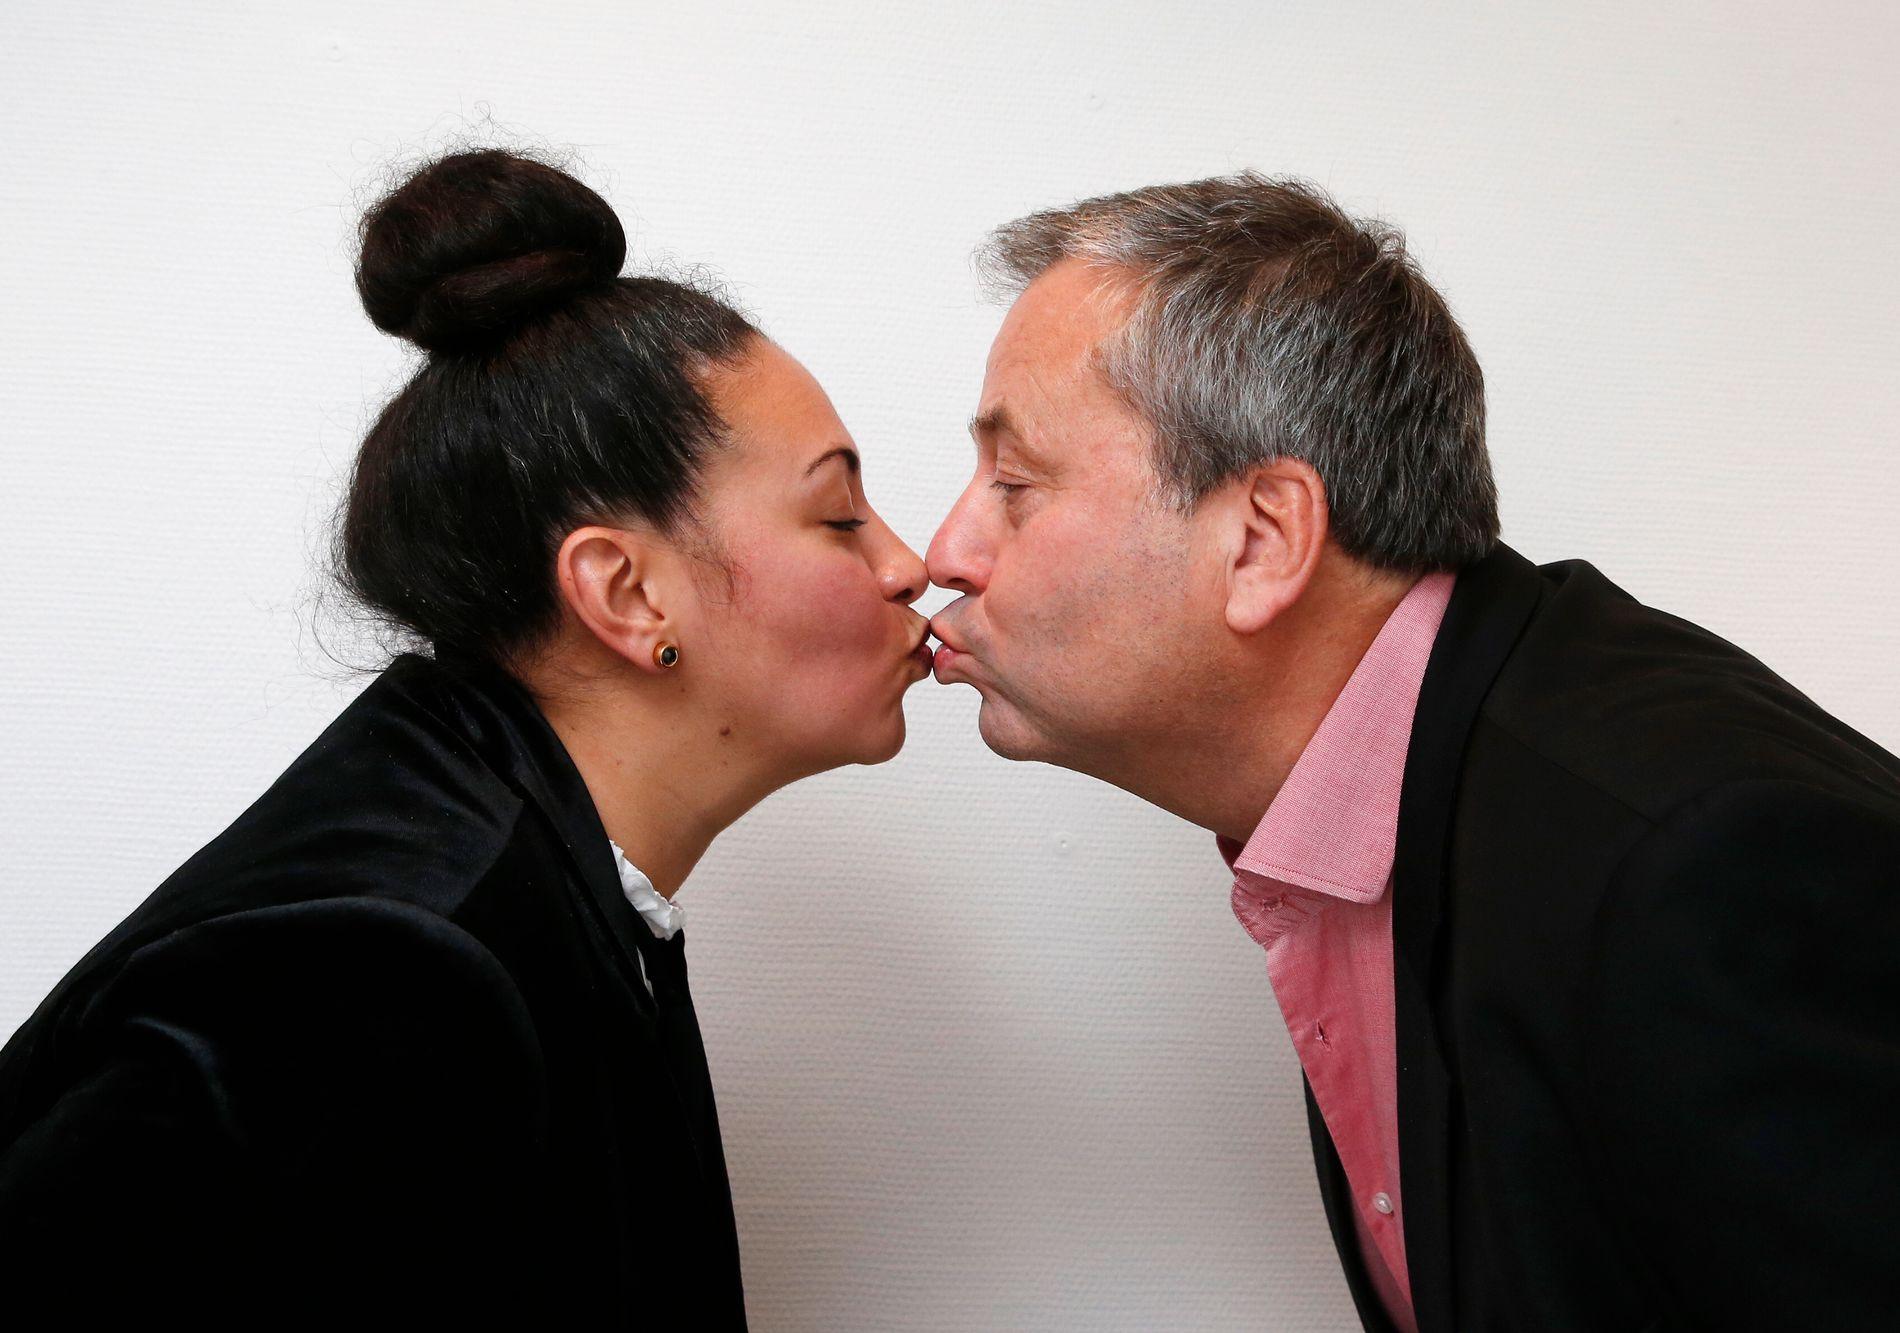 FULL KONTAKT: – Vi kan godt kysse til ære for fotografen, sier forlagssjef Sarah Natasha Melbye og forlegger Arve Juritzen. I vår skal de utgi tre norske erotiske romaner, blant annet en trilogi skrevet av en kjent norsk kulturpersonlighet.